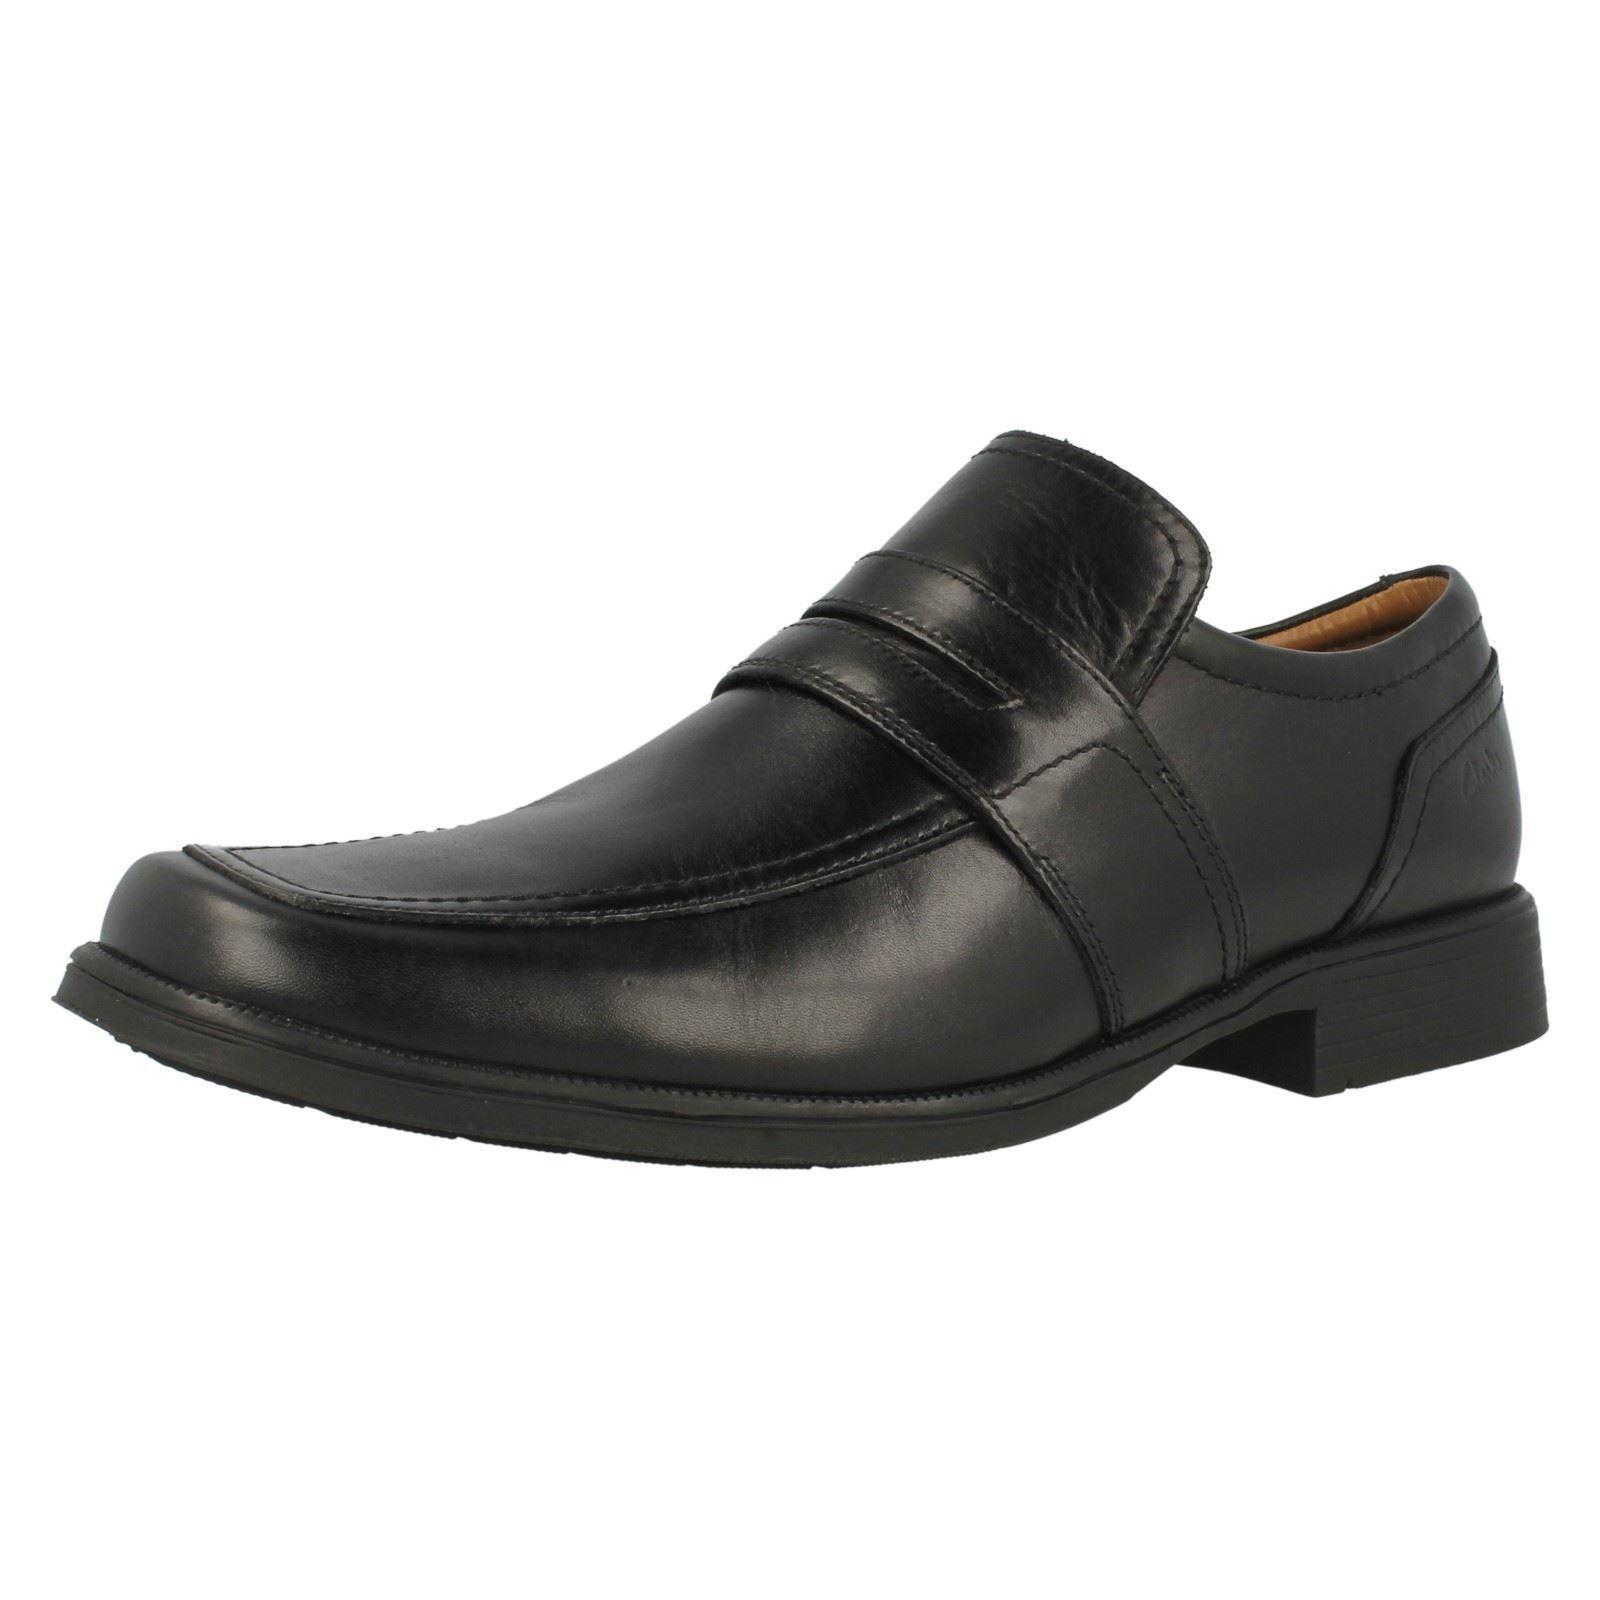 OFFERTA da uomo CLARKS huckley LAVoro nero nero nero pelle scarpa slip on | Eleganti  | Scolaro/Signora Scarpa  e23e43